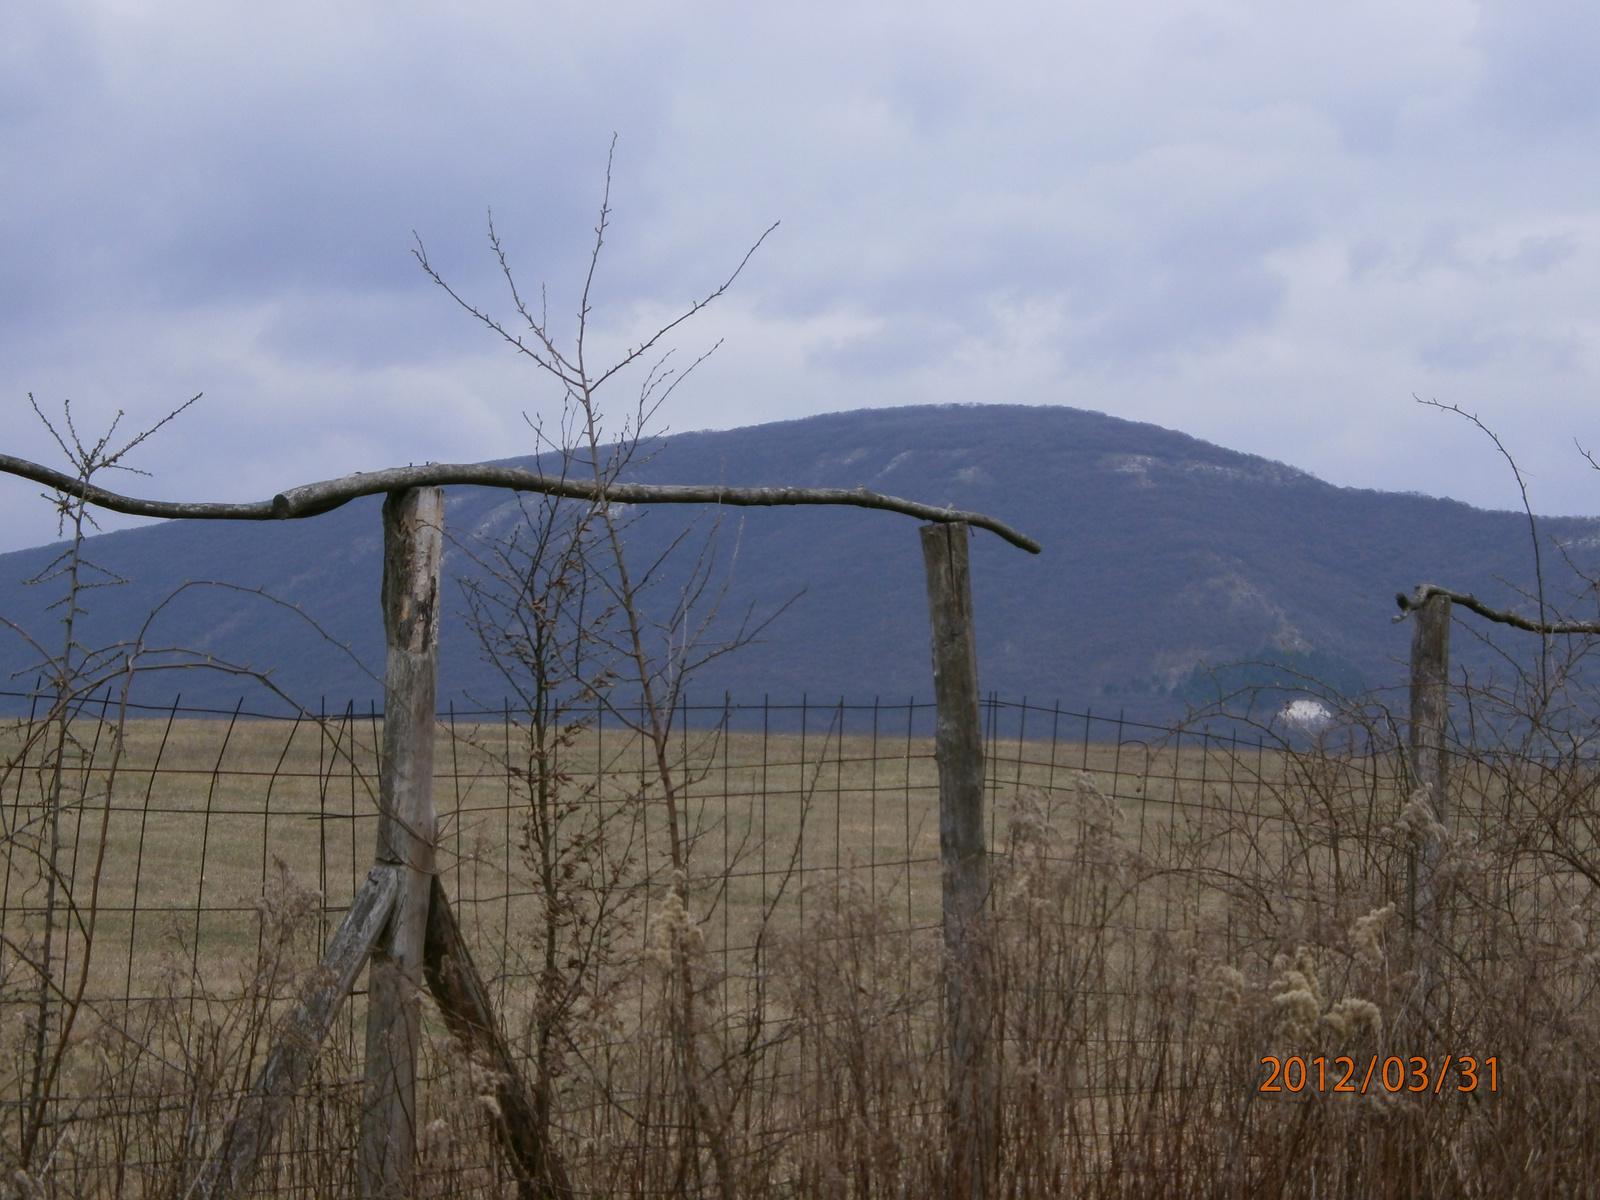 A Szirtes-tető (Steinfelsen) és a Fésű-hegy (Kopasz-hegy). Fotó: Kőrössy Tamás